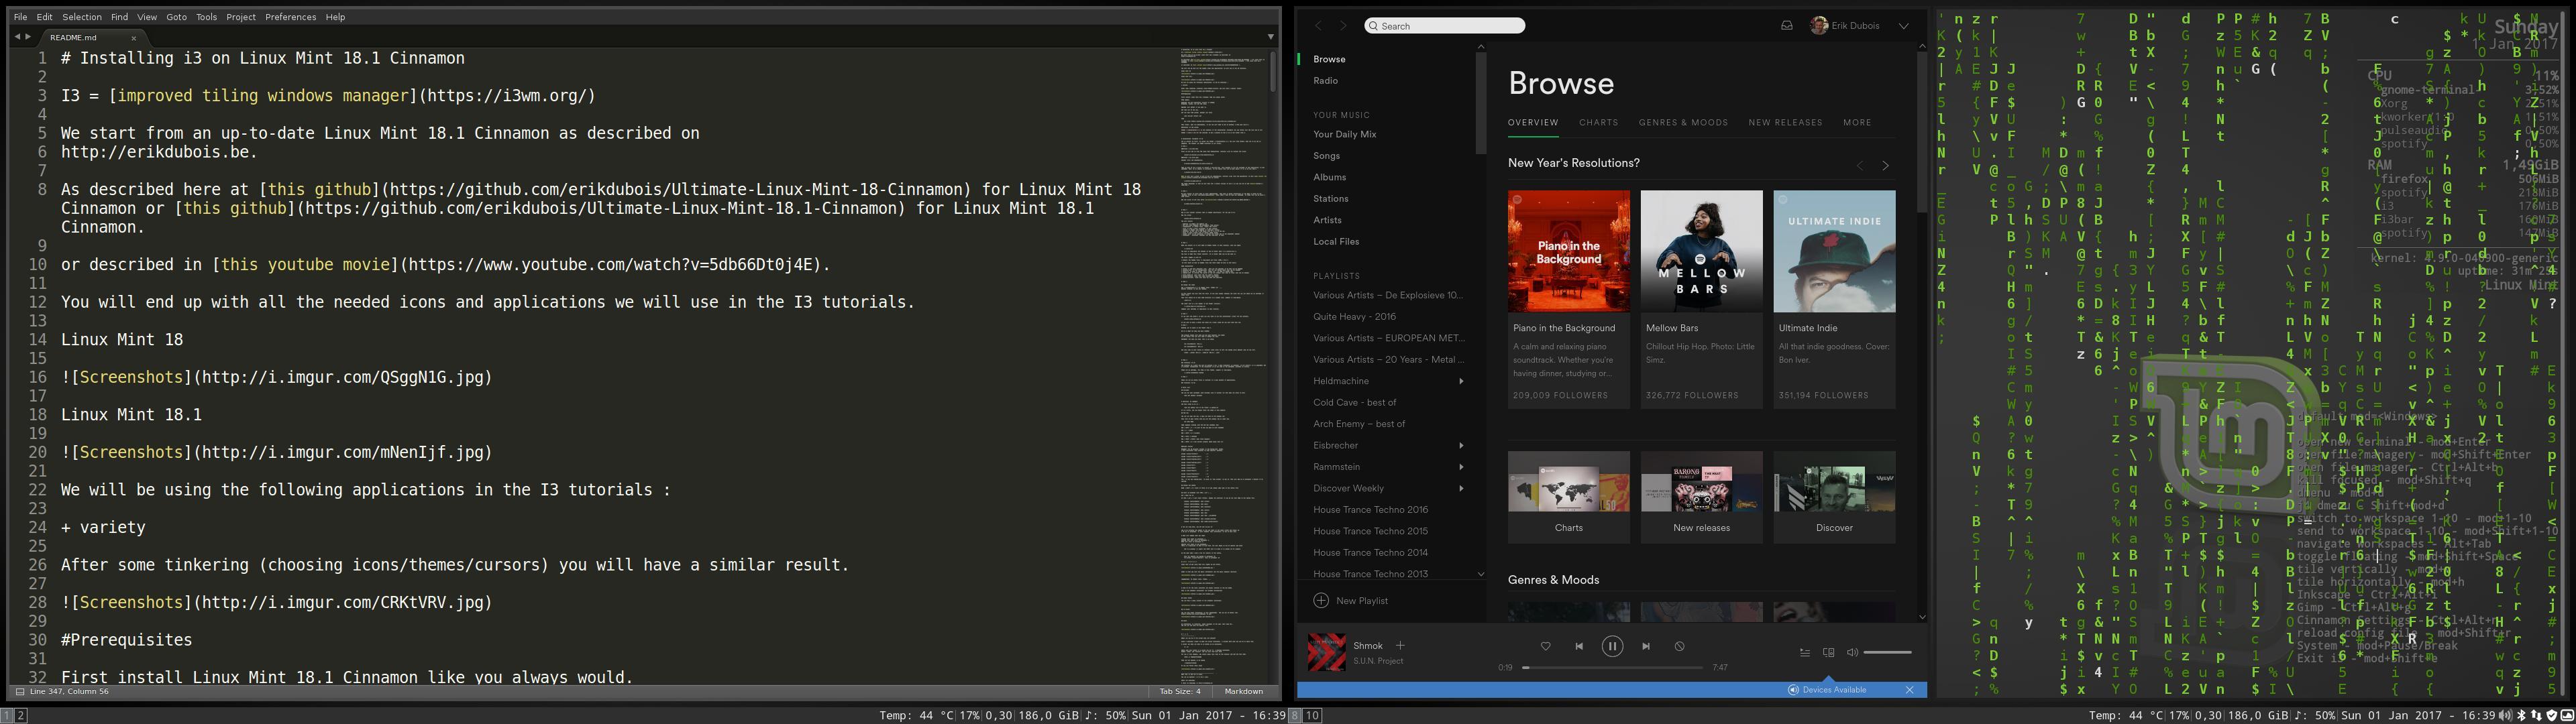 GitHub - erikdubois/LinuxMint181i3: How to install i3 on Linux Mint